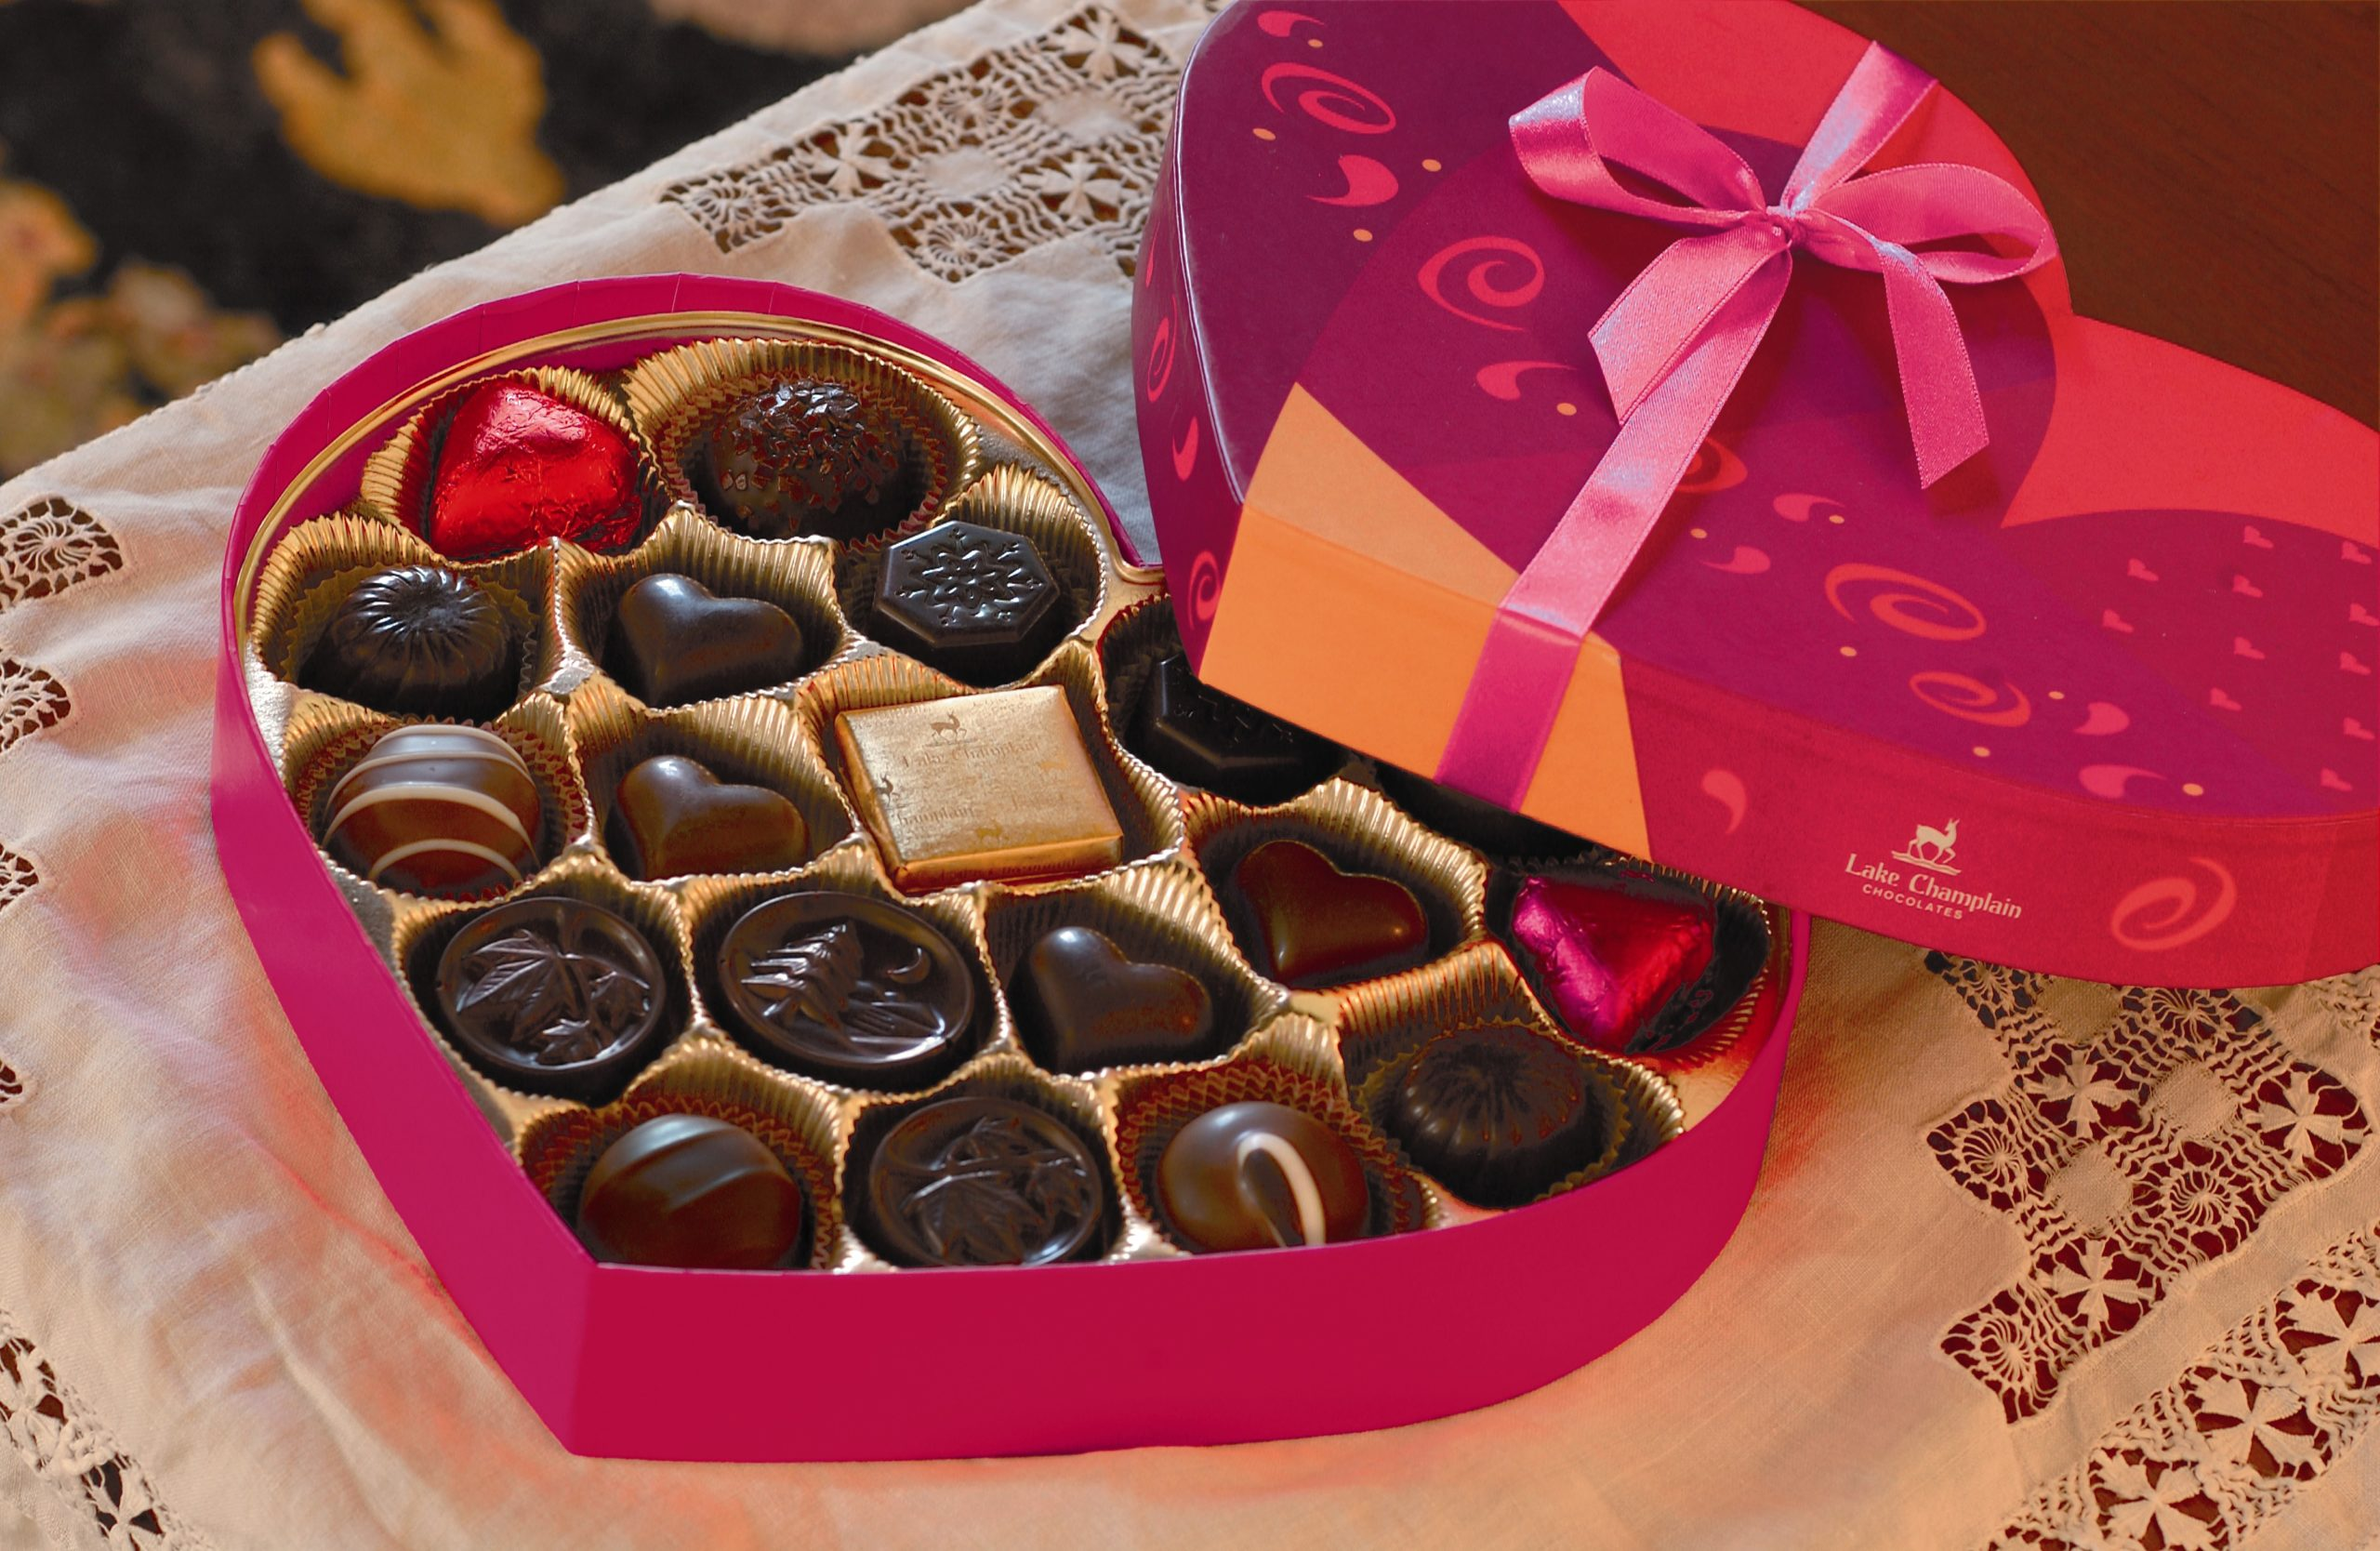 Boîte de bonbons au chocolat en forme de coeur.